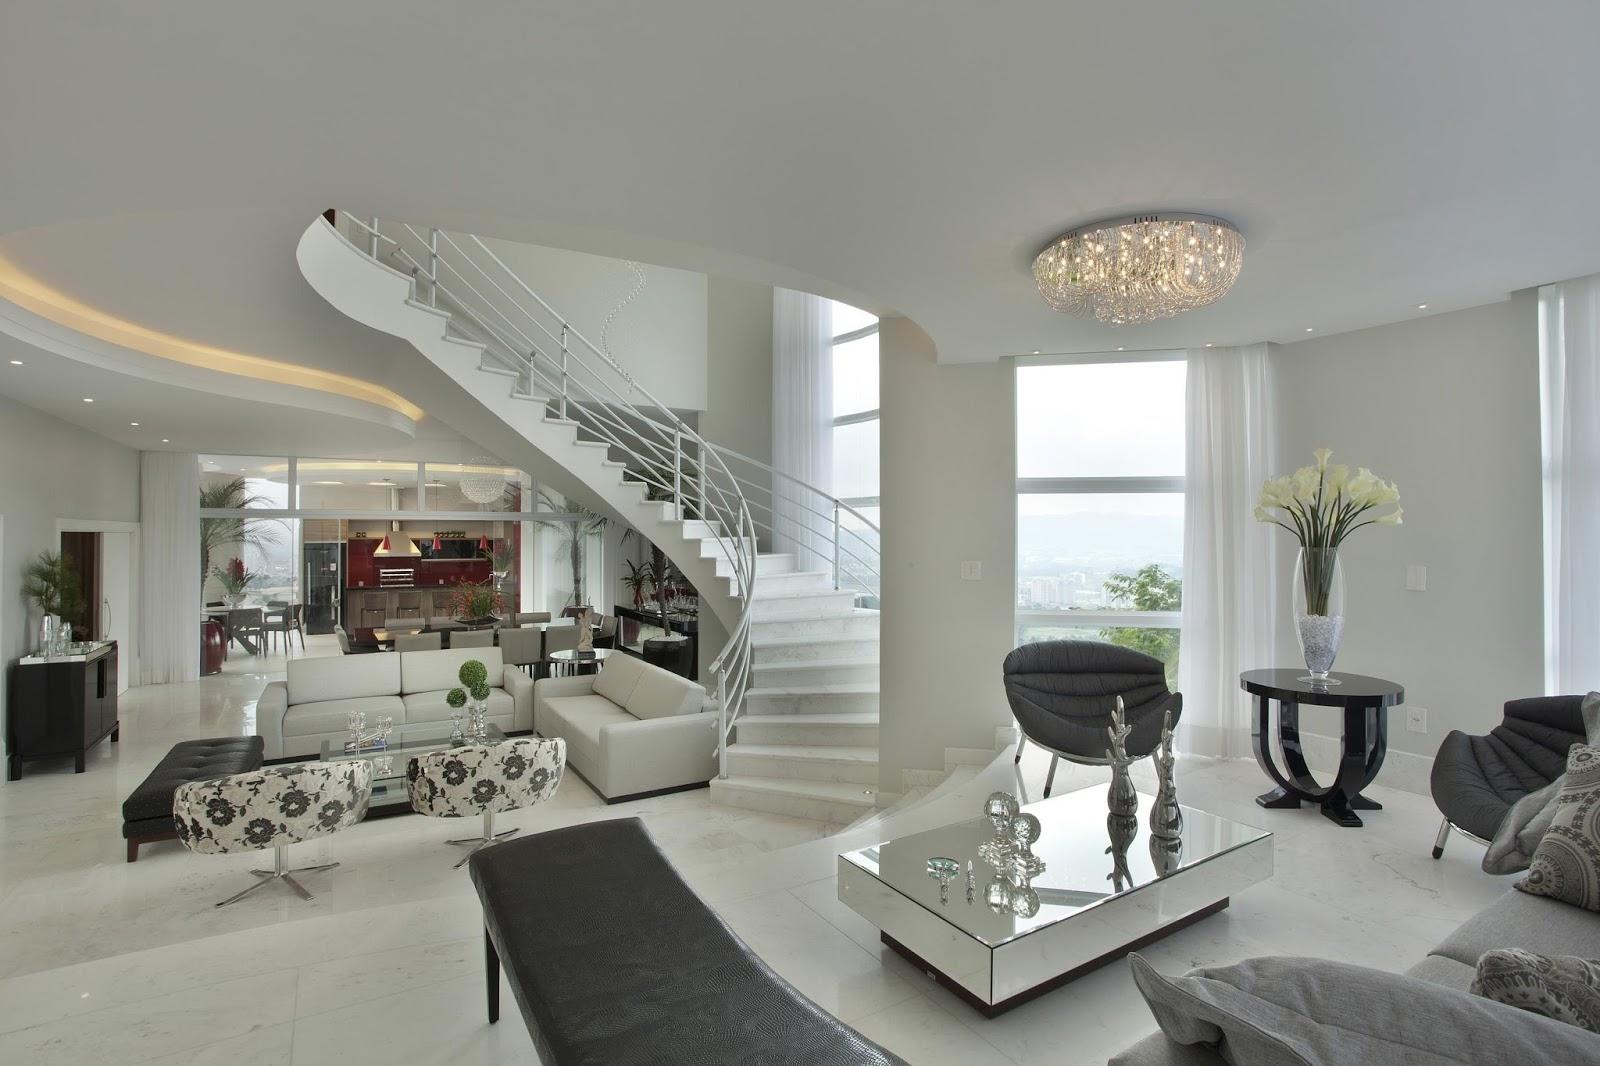 Viva Home Decor Construindo Minha Casa Clean Como Decorar Colunas No Meio